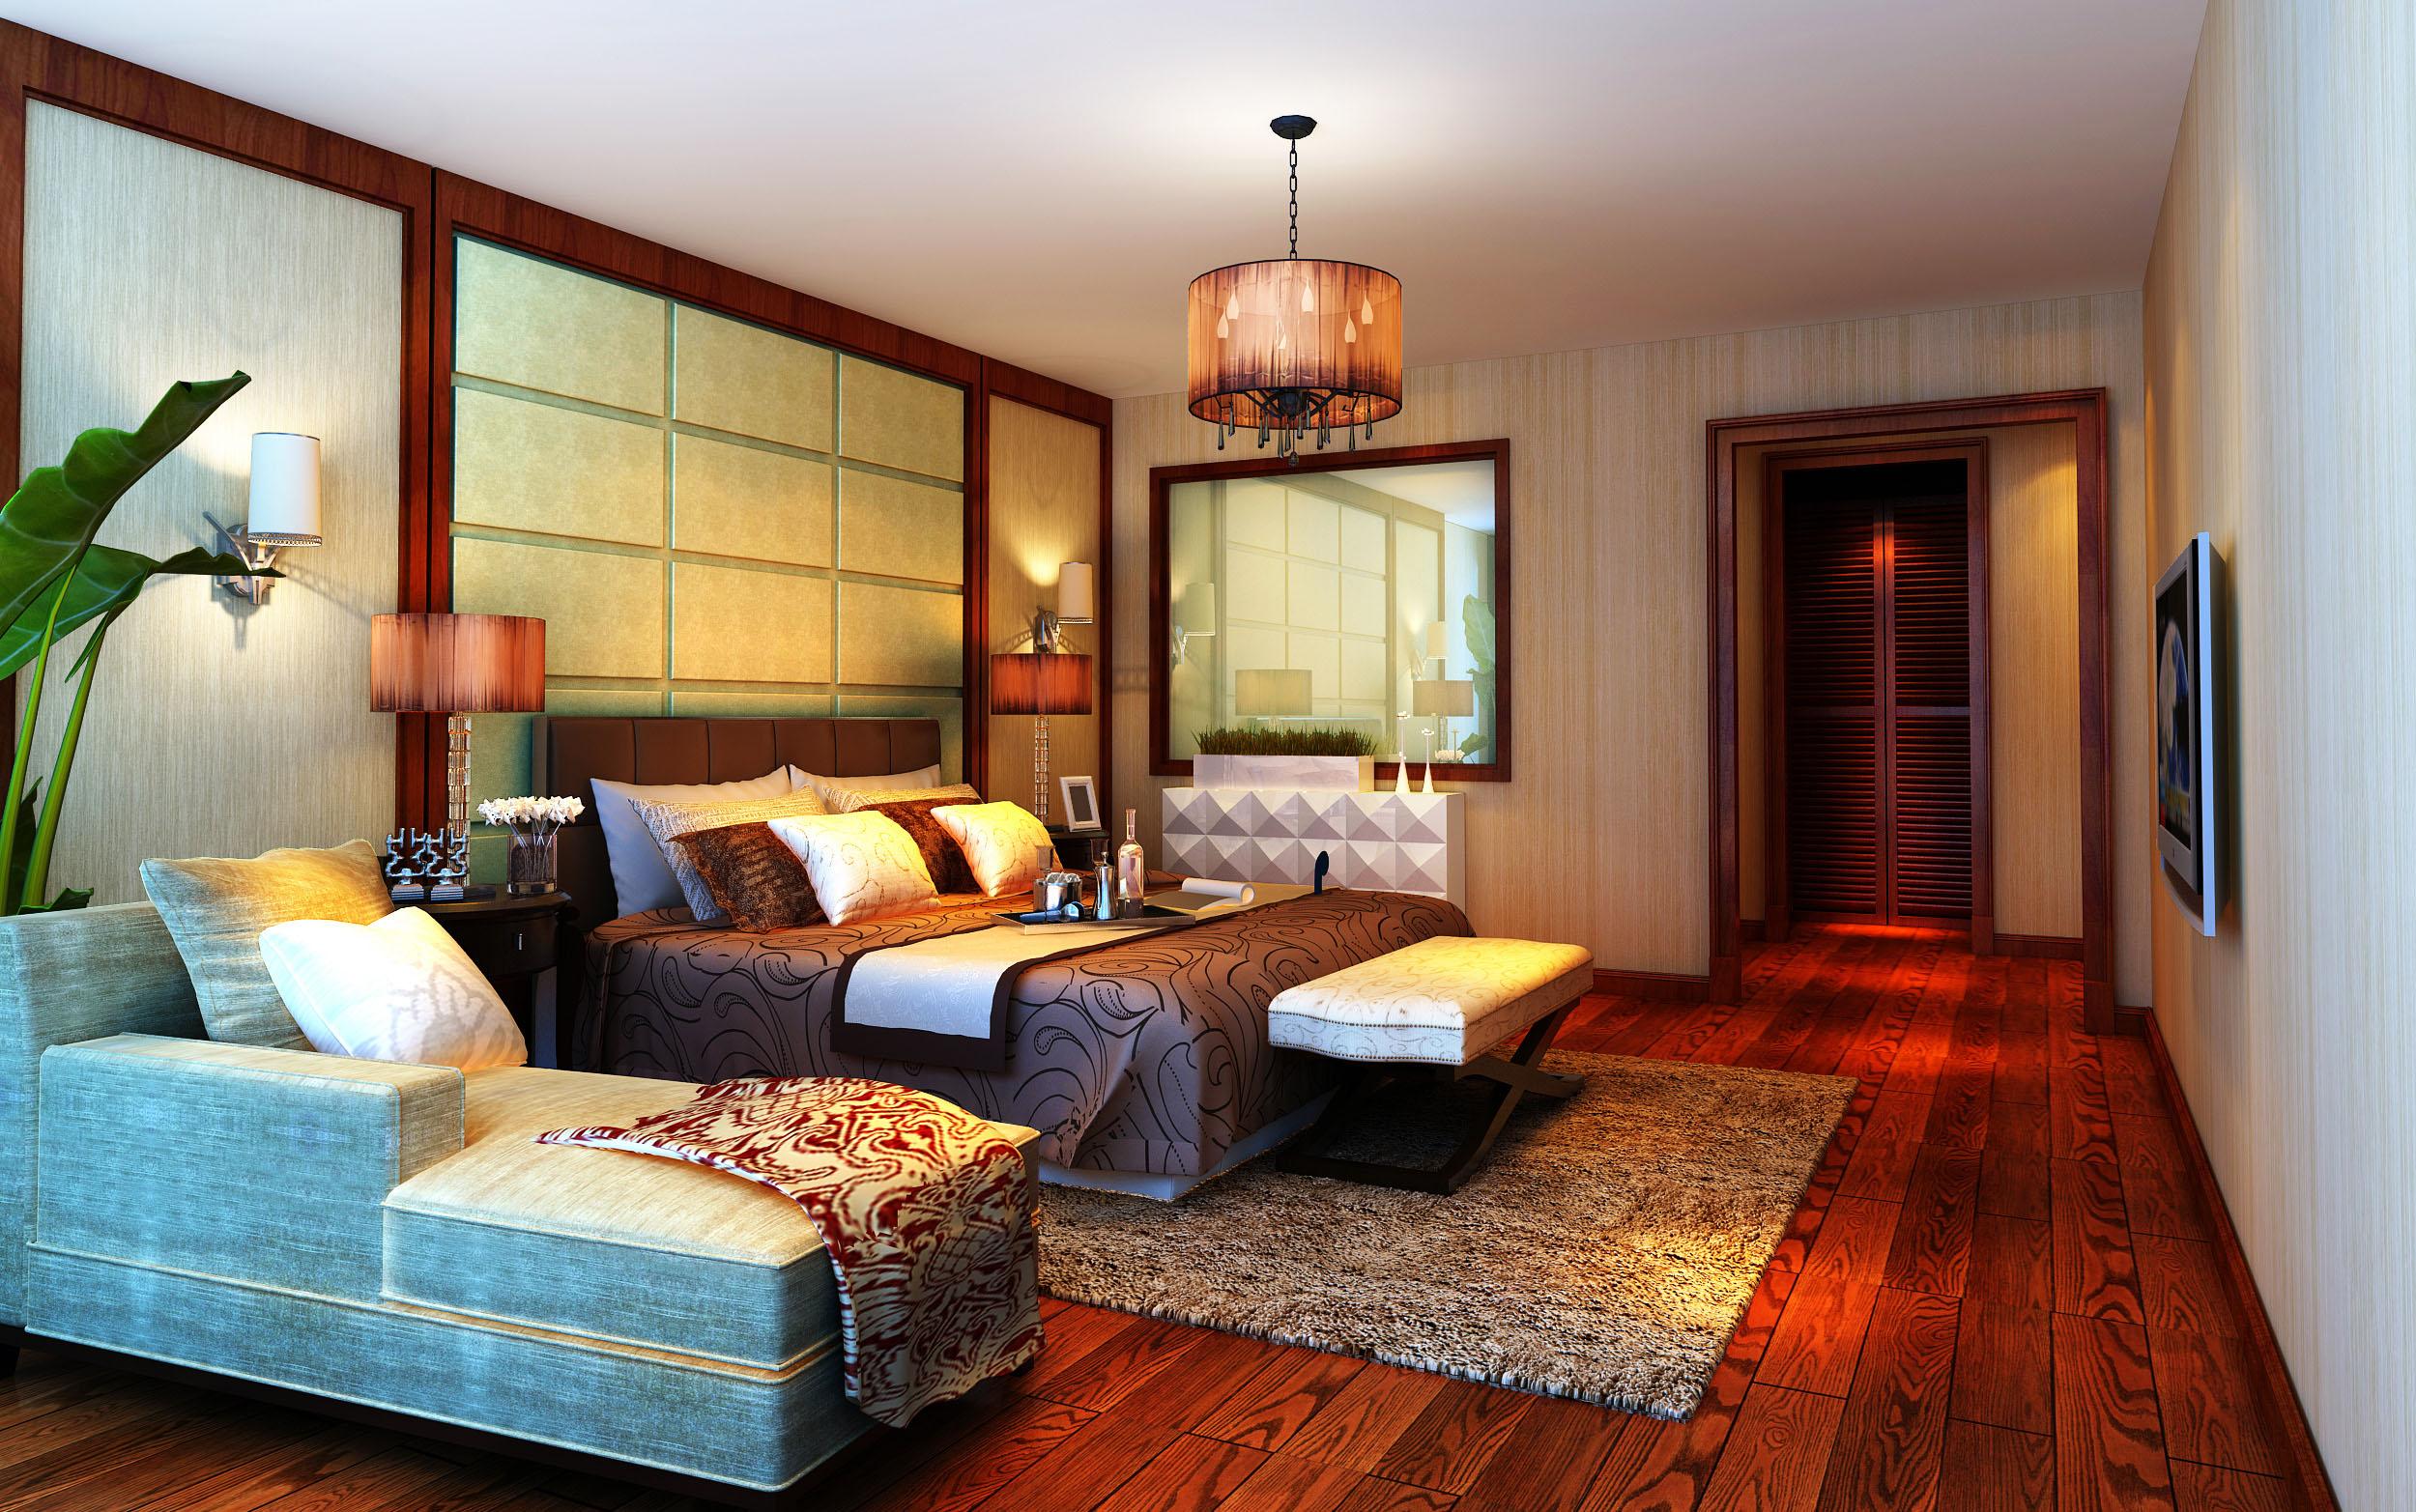 新中式 复式 卧室图片来自北京今朝装饰刘在东晶国际公寓新中式装饰设计的分享